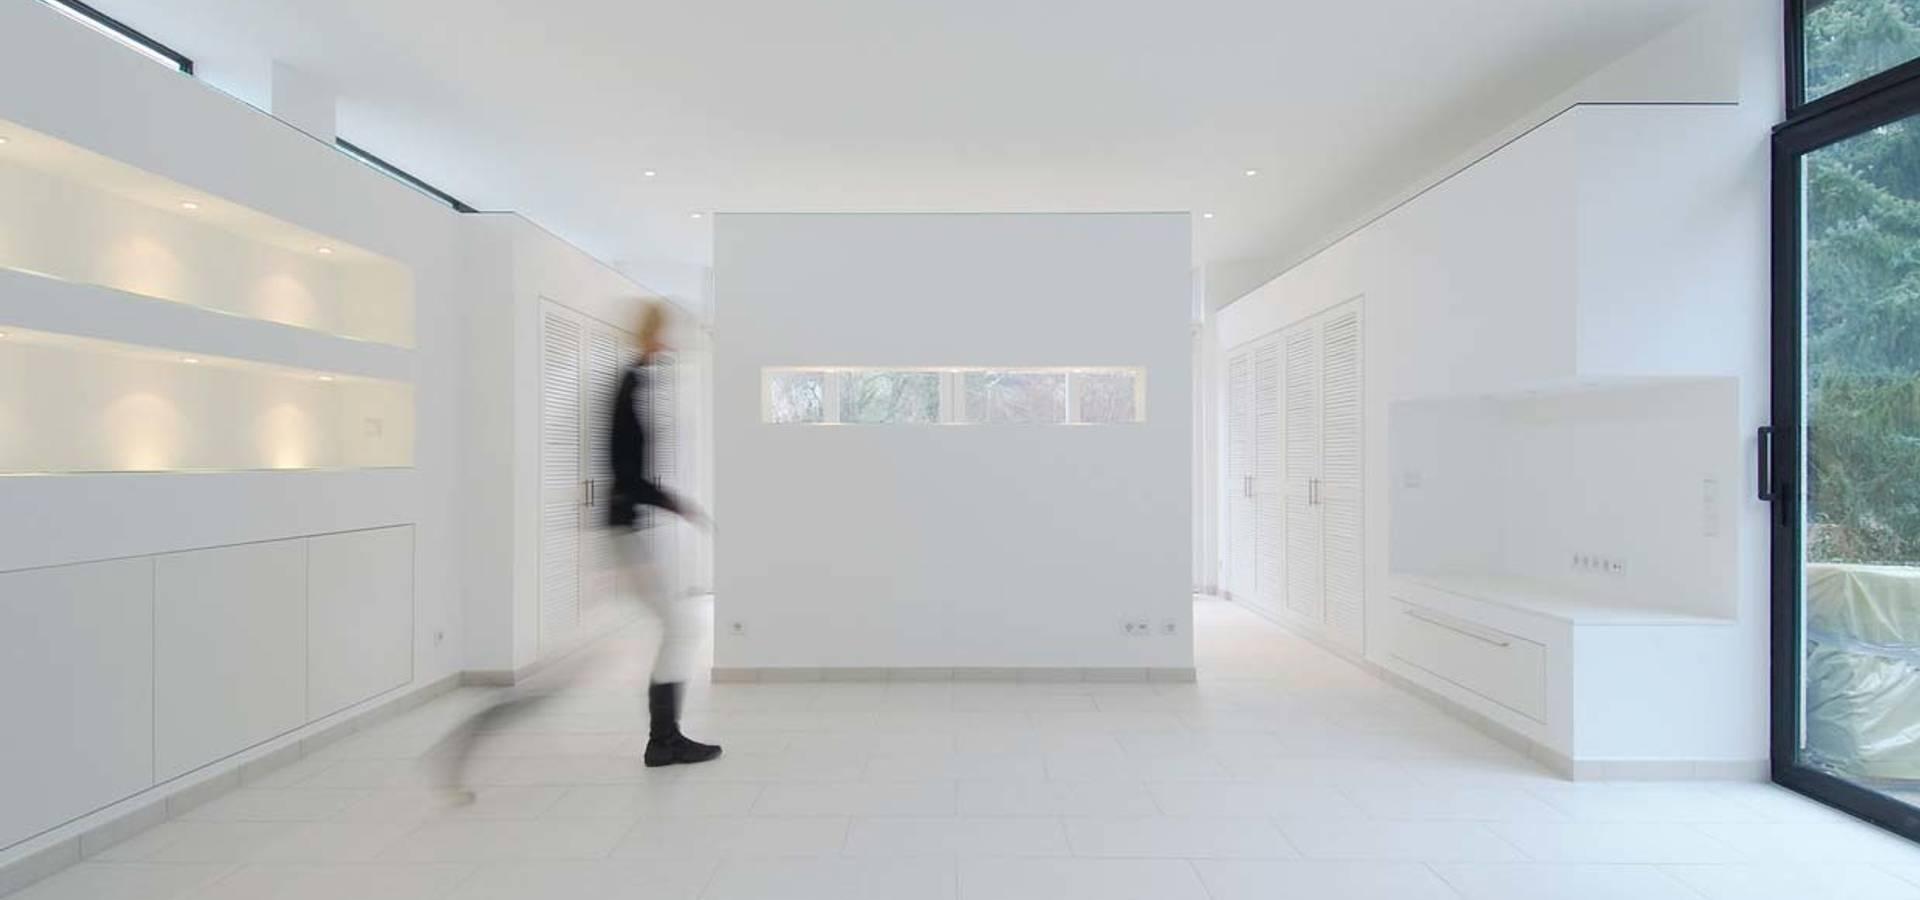 Faszinierend Innenarchitektur Darmstadt Das Beste Von Anne.mehring Innenarchitekturbüro